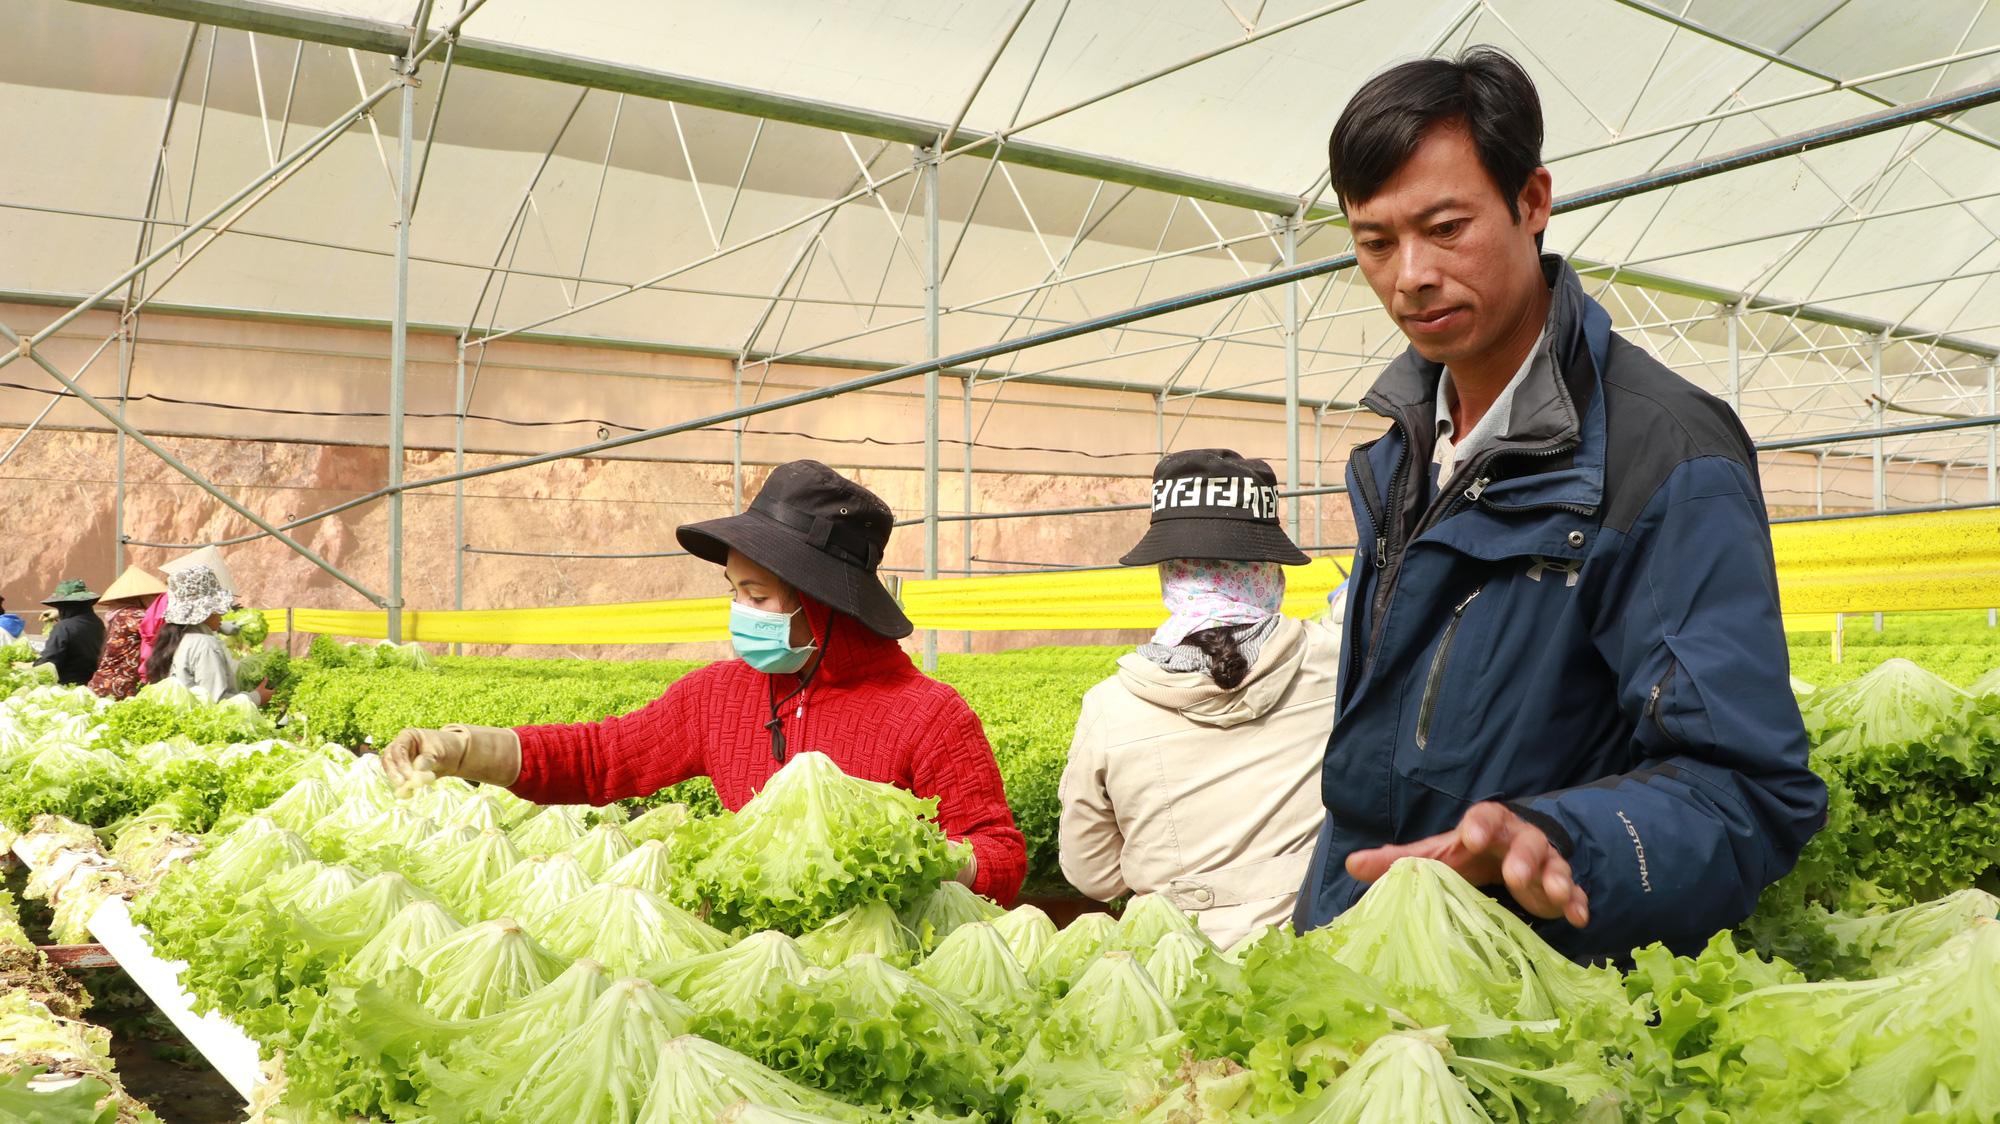 Sự cần thiết của việc xử lý thực phẩm an toàn cho rau sau thu hoạch - Ảnh 2.